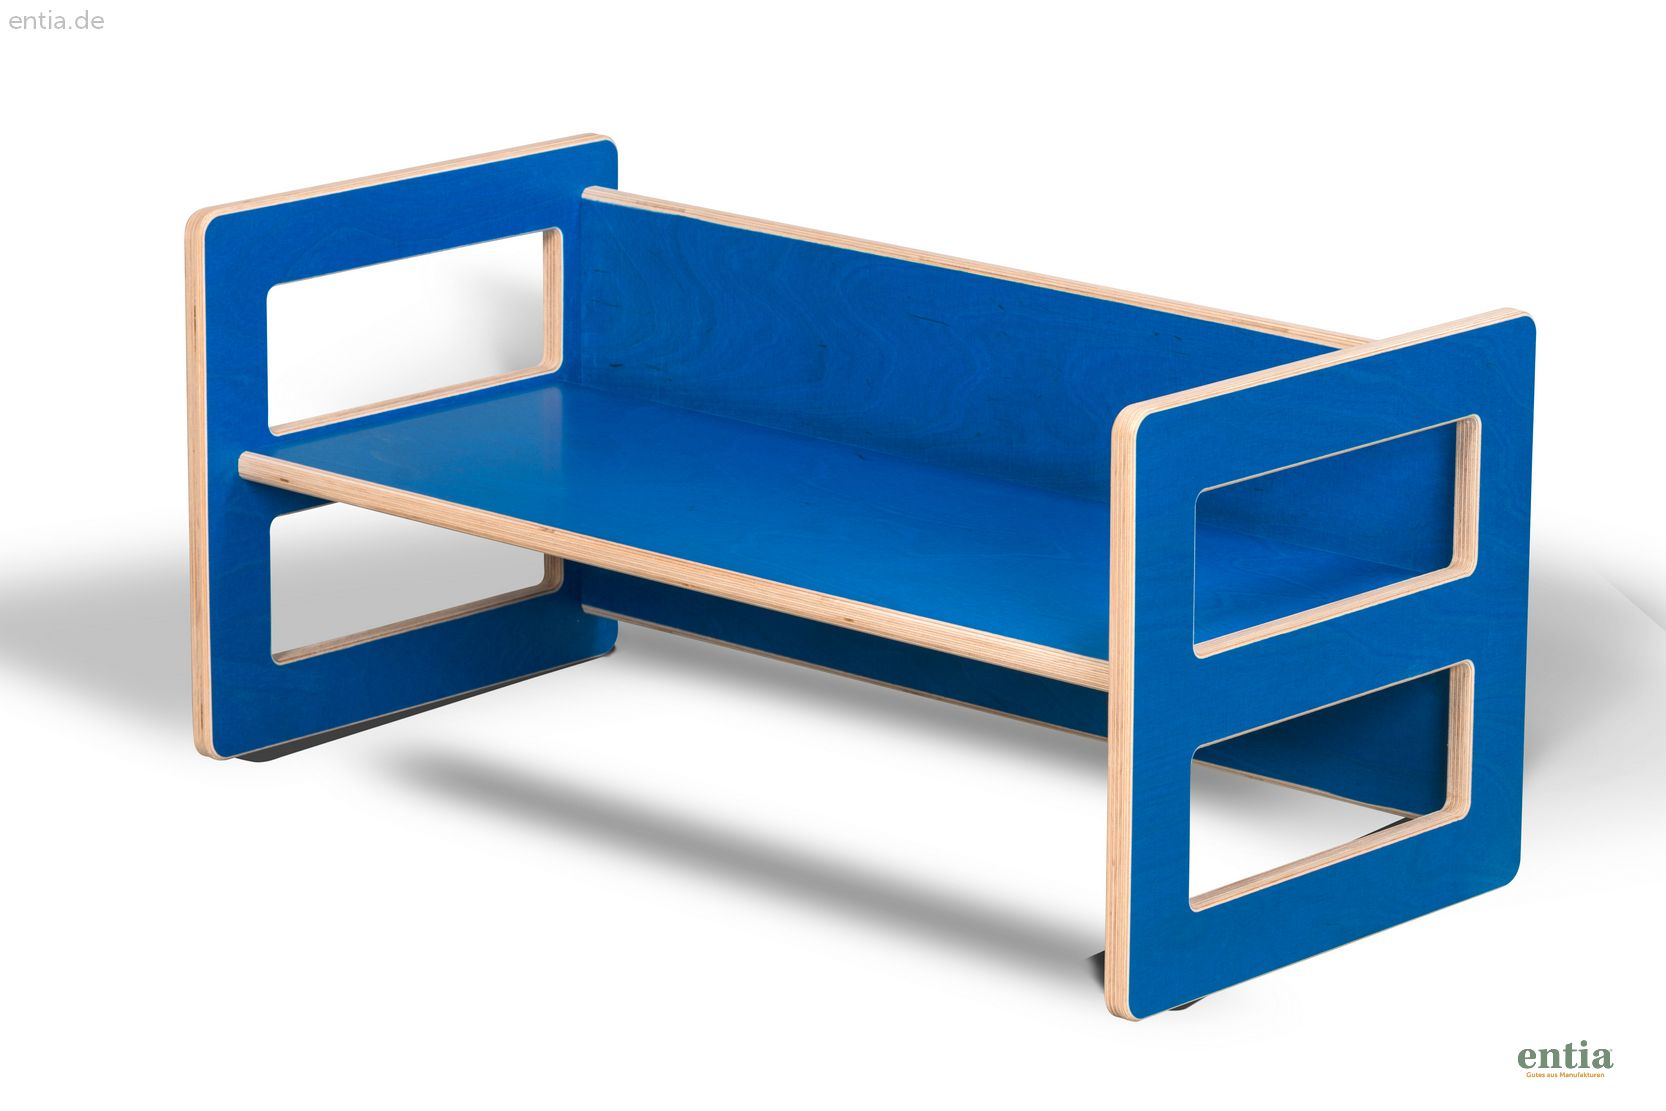 Kindermöbel Wendebank blau